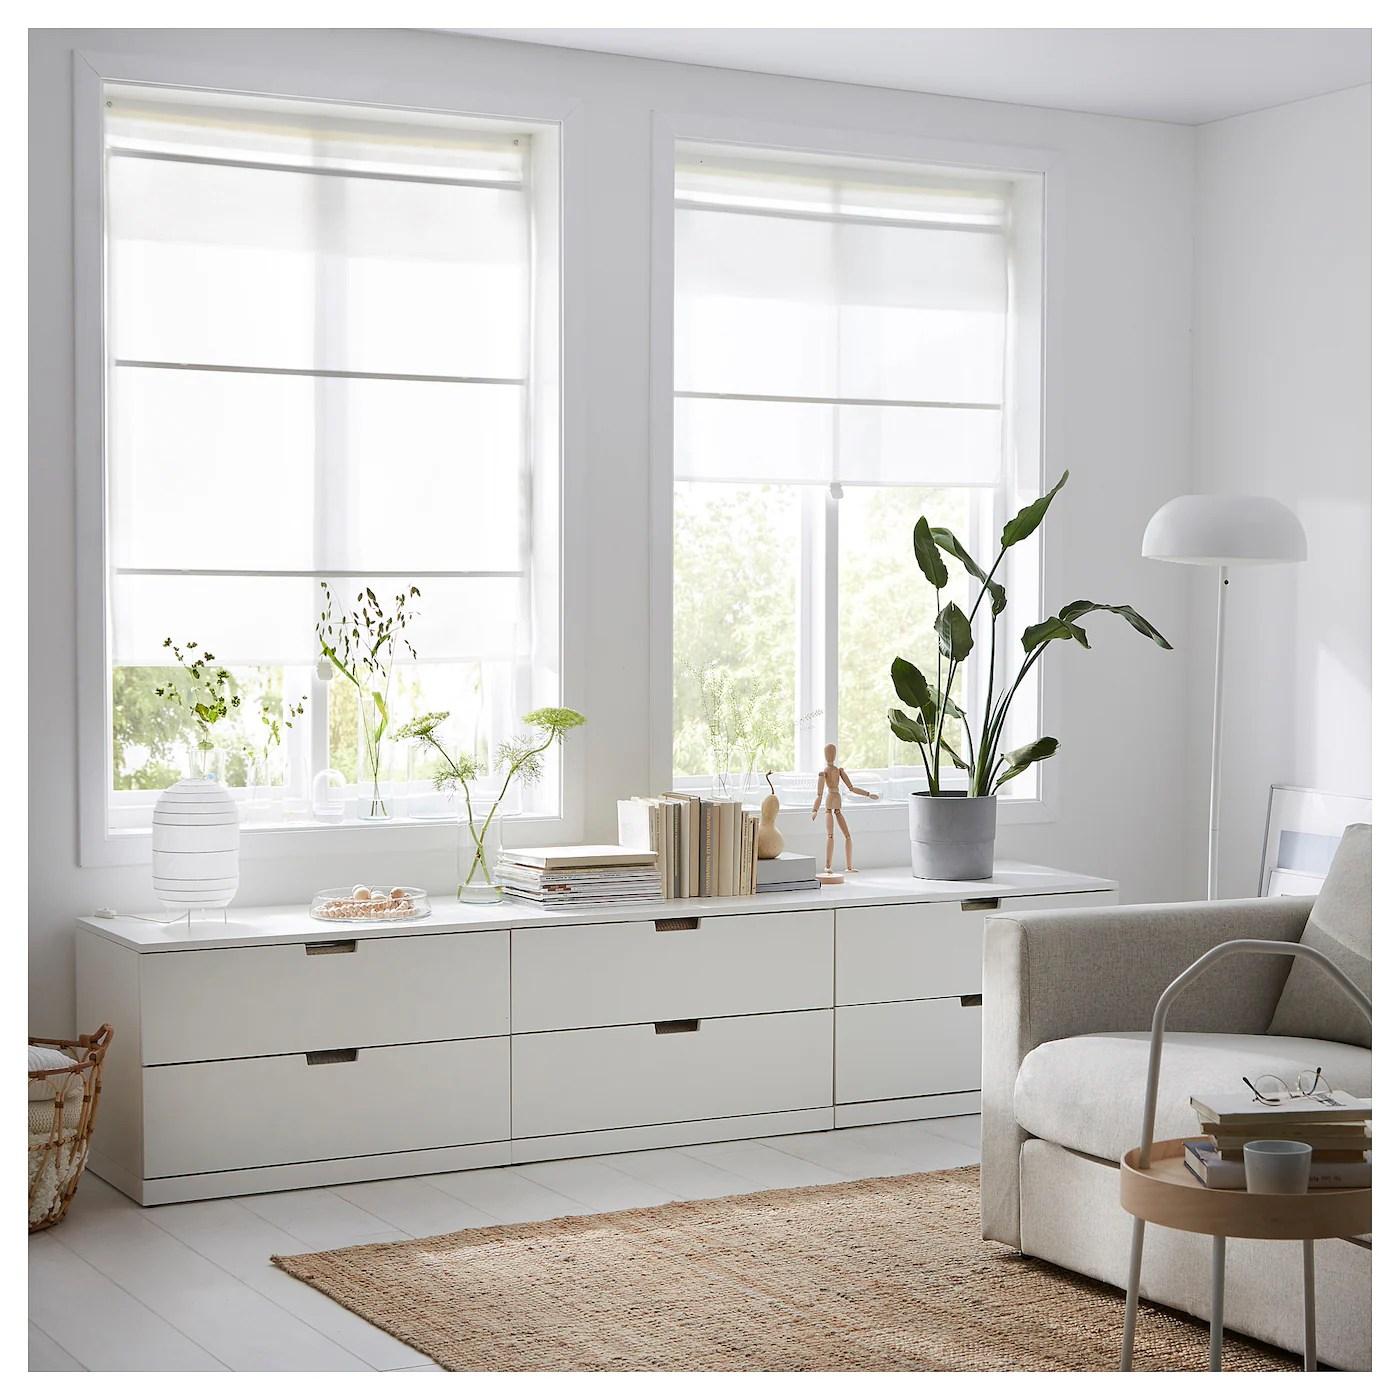 Come la posizione delle finestre da rivestire. Ringblomma Tenda A Pacchetto Bianco 100x160 Cm Ikea It